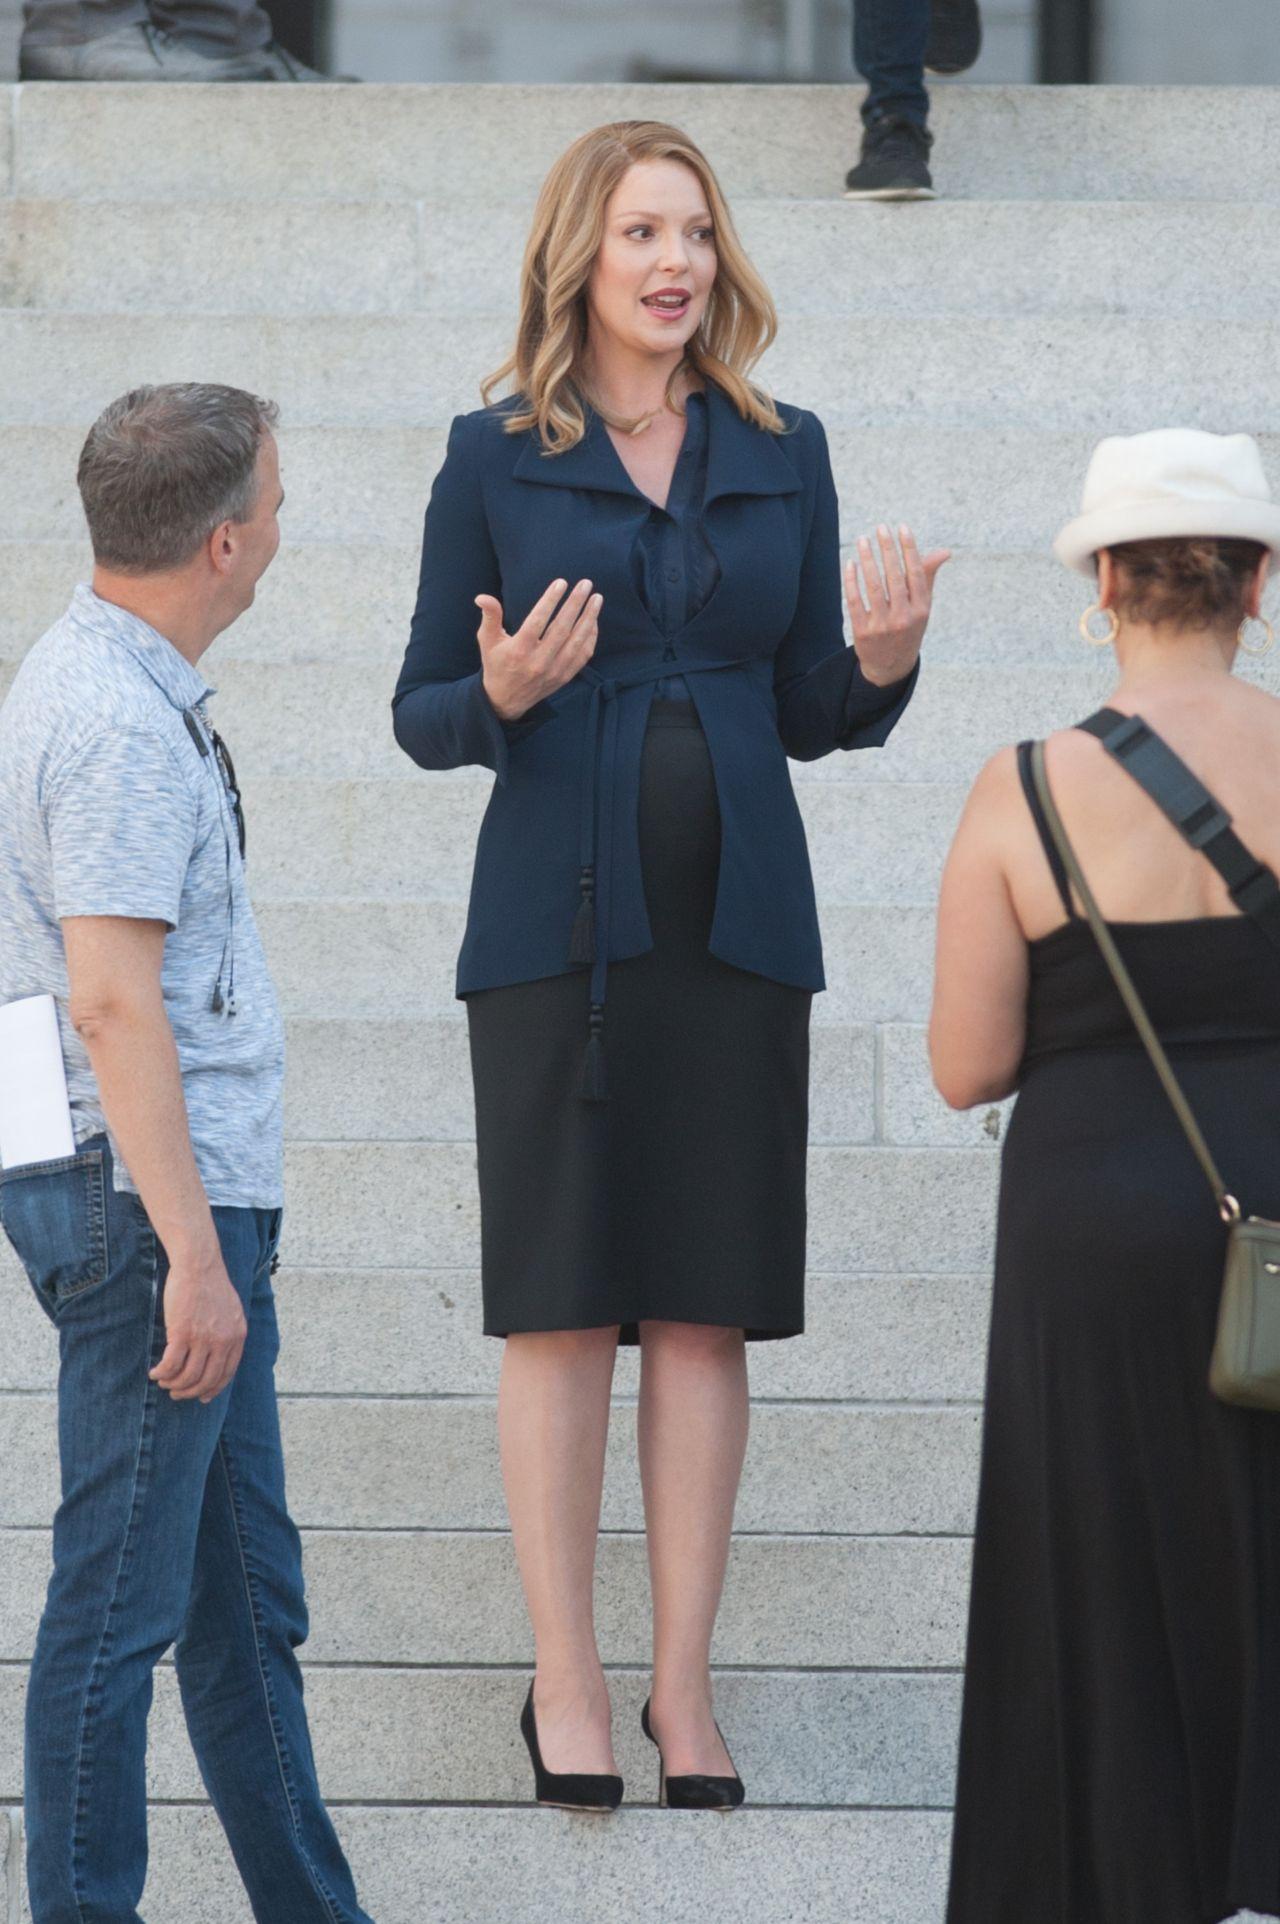 Кэтрин хейгл фото беременной 229